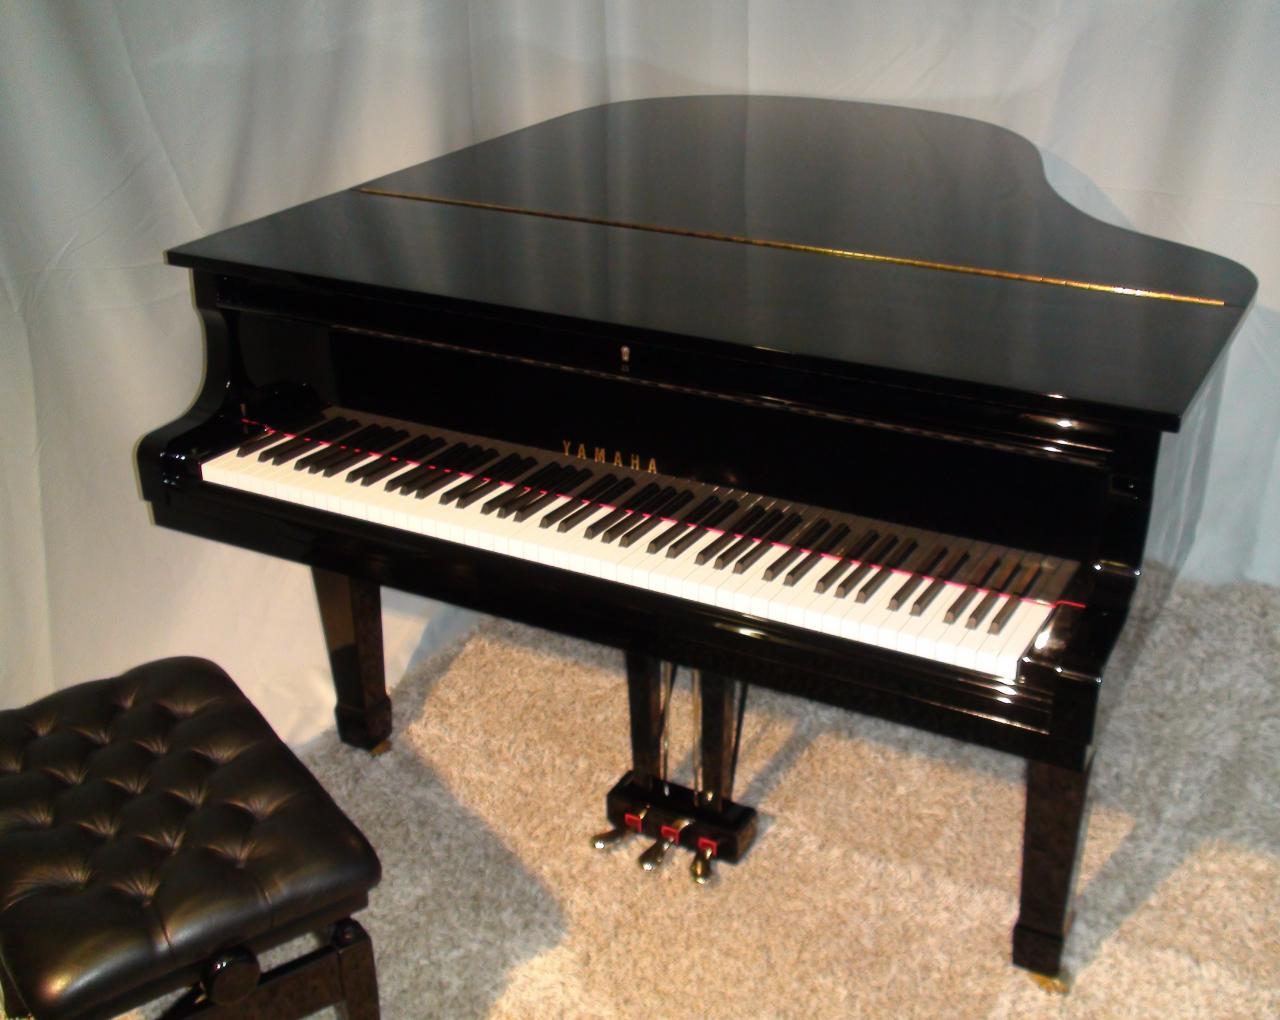 banc piano good cuisine avec piano elegant hotte de cuisine angle luxury cuisine en angle banc. Black Bedroom Furniture Sets. Home Design Ideas